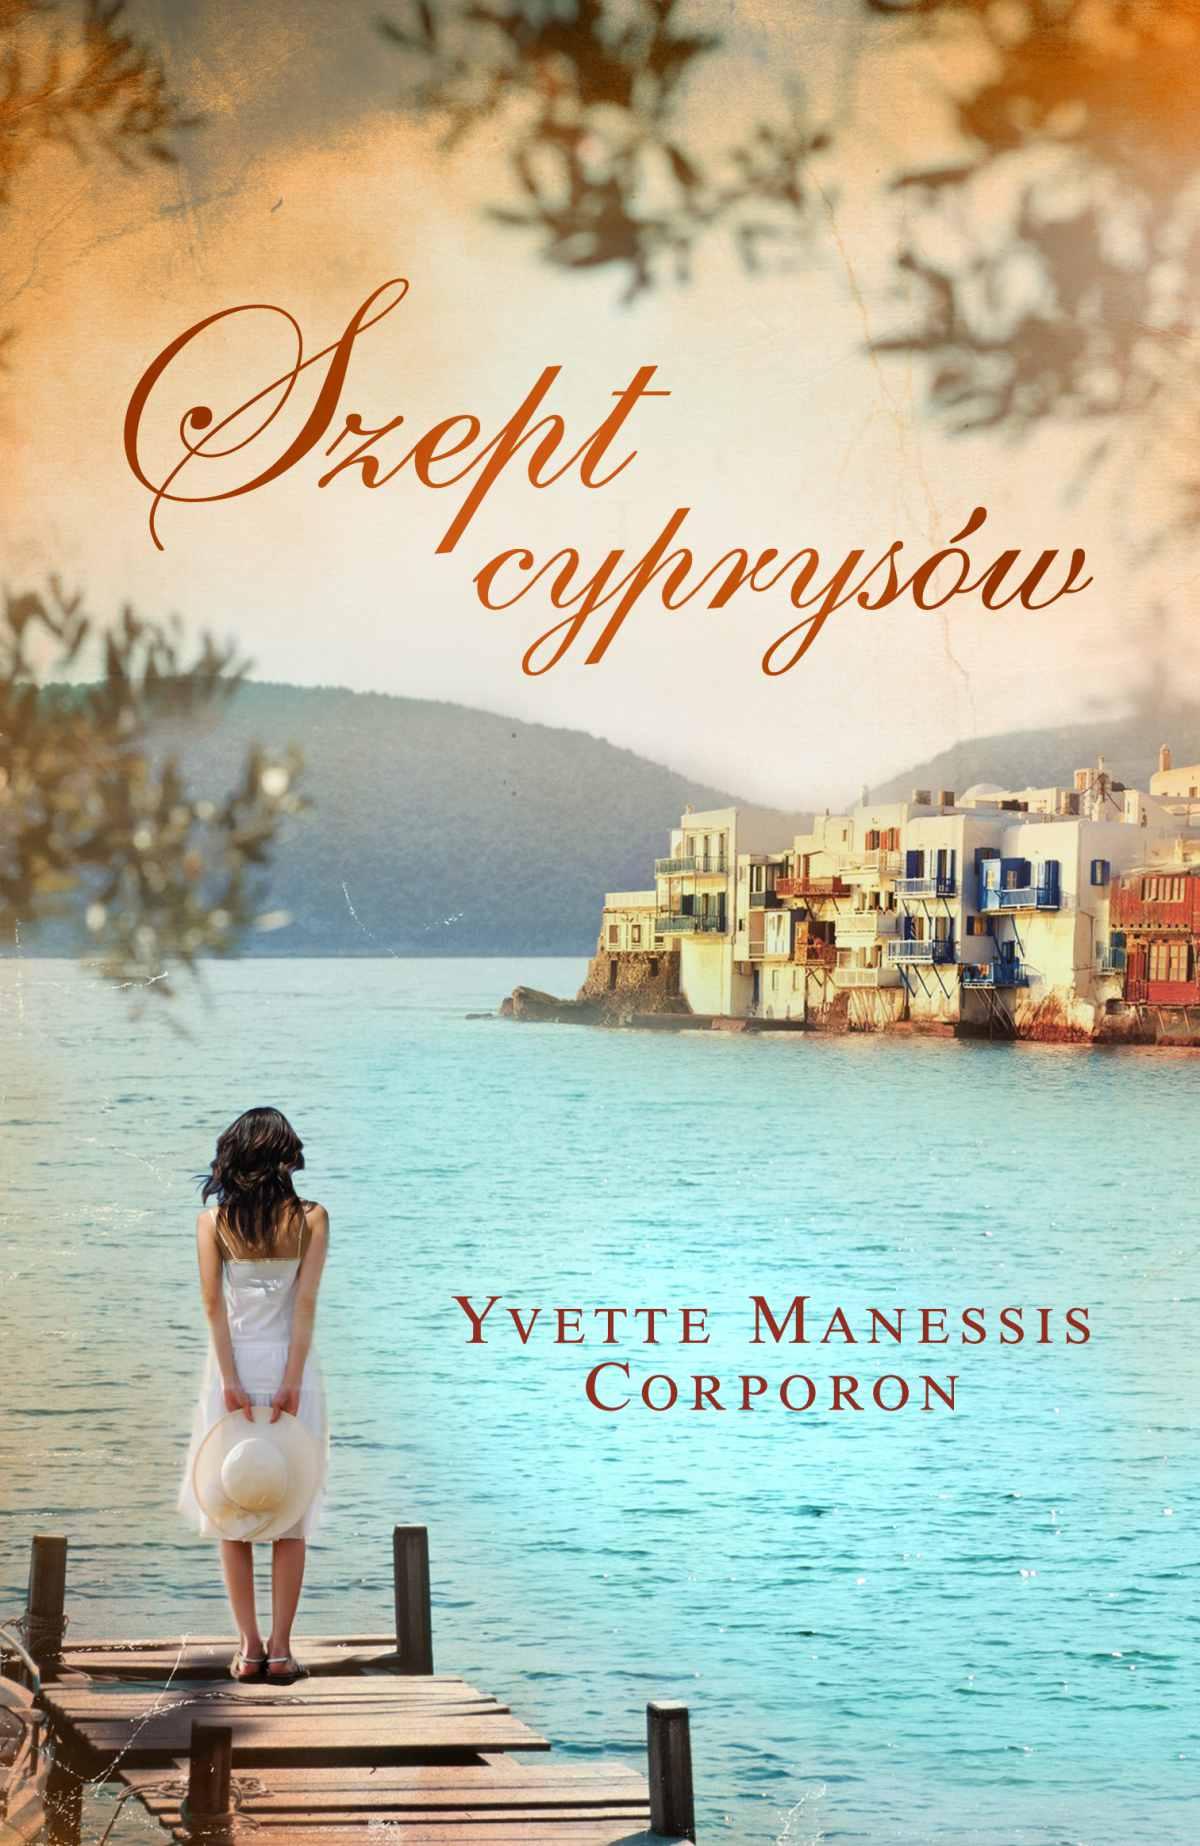 Szept cyprysów - Ebook (Książka EPUB) do pobrania w formacie EPUB